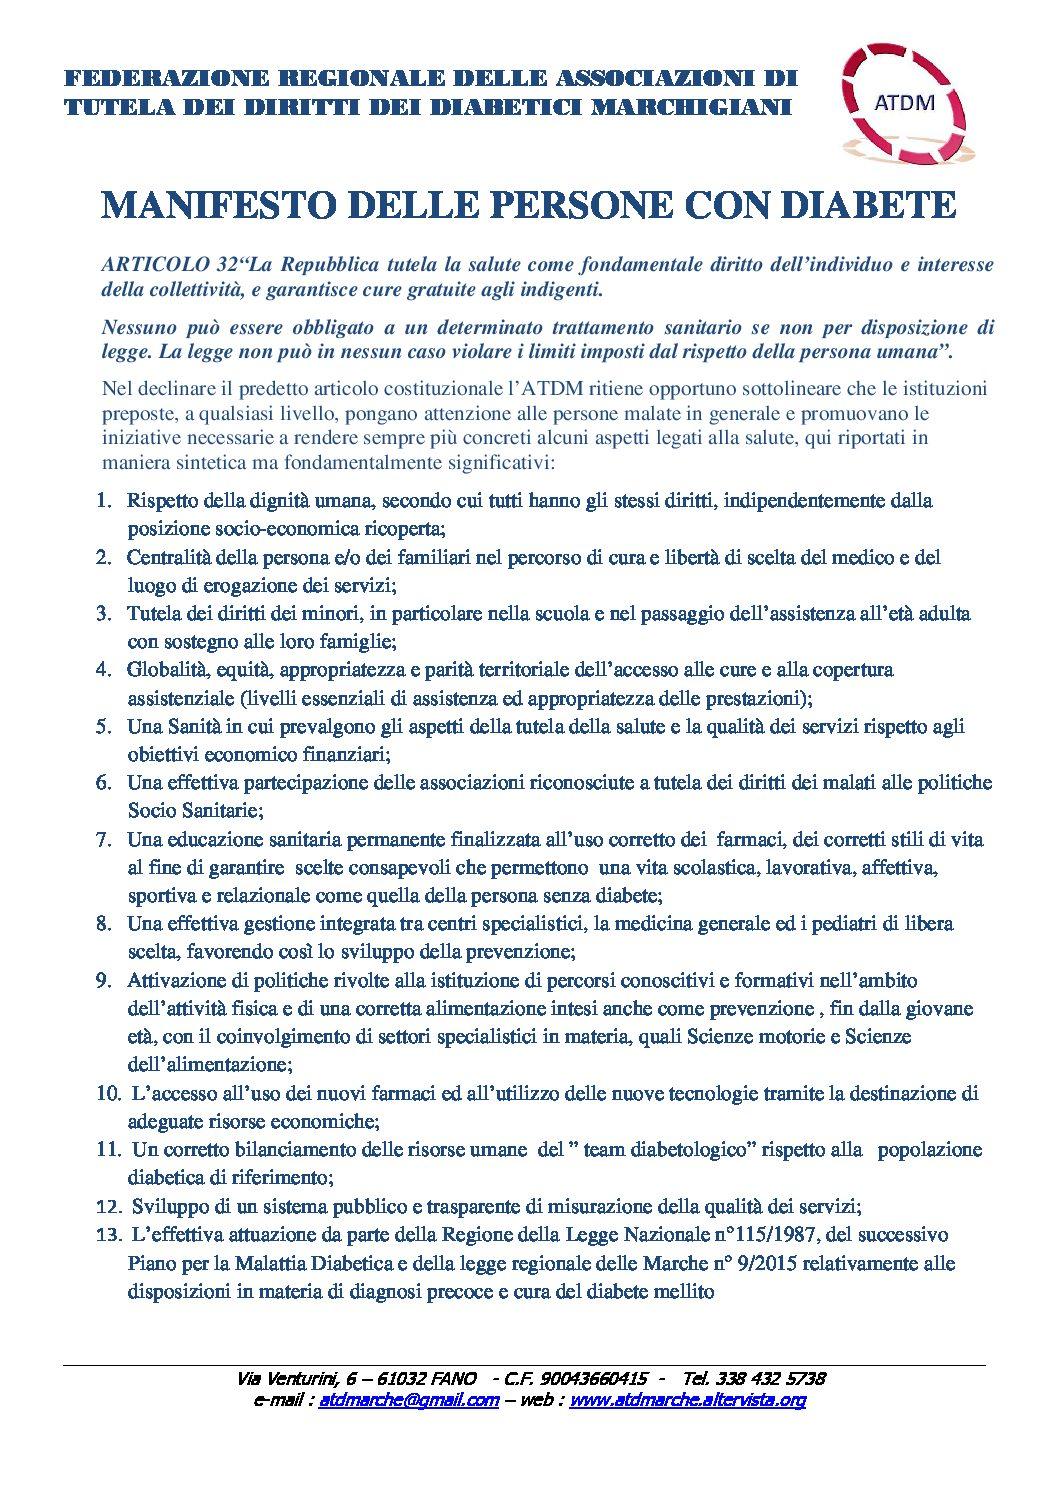 Manifesto delle Persone con Diabete